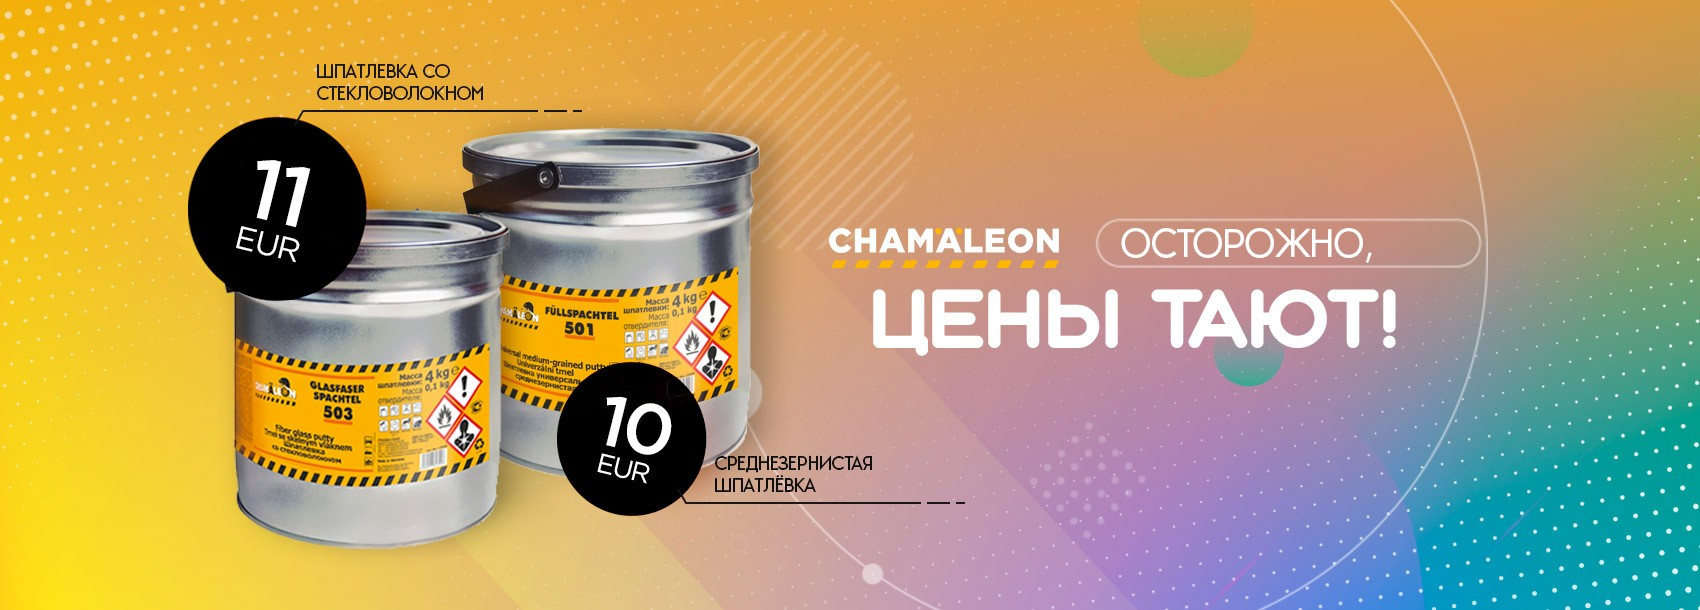 Специальные цены на шпаклевки Chamaeleon